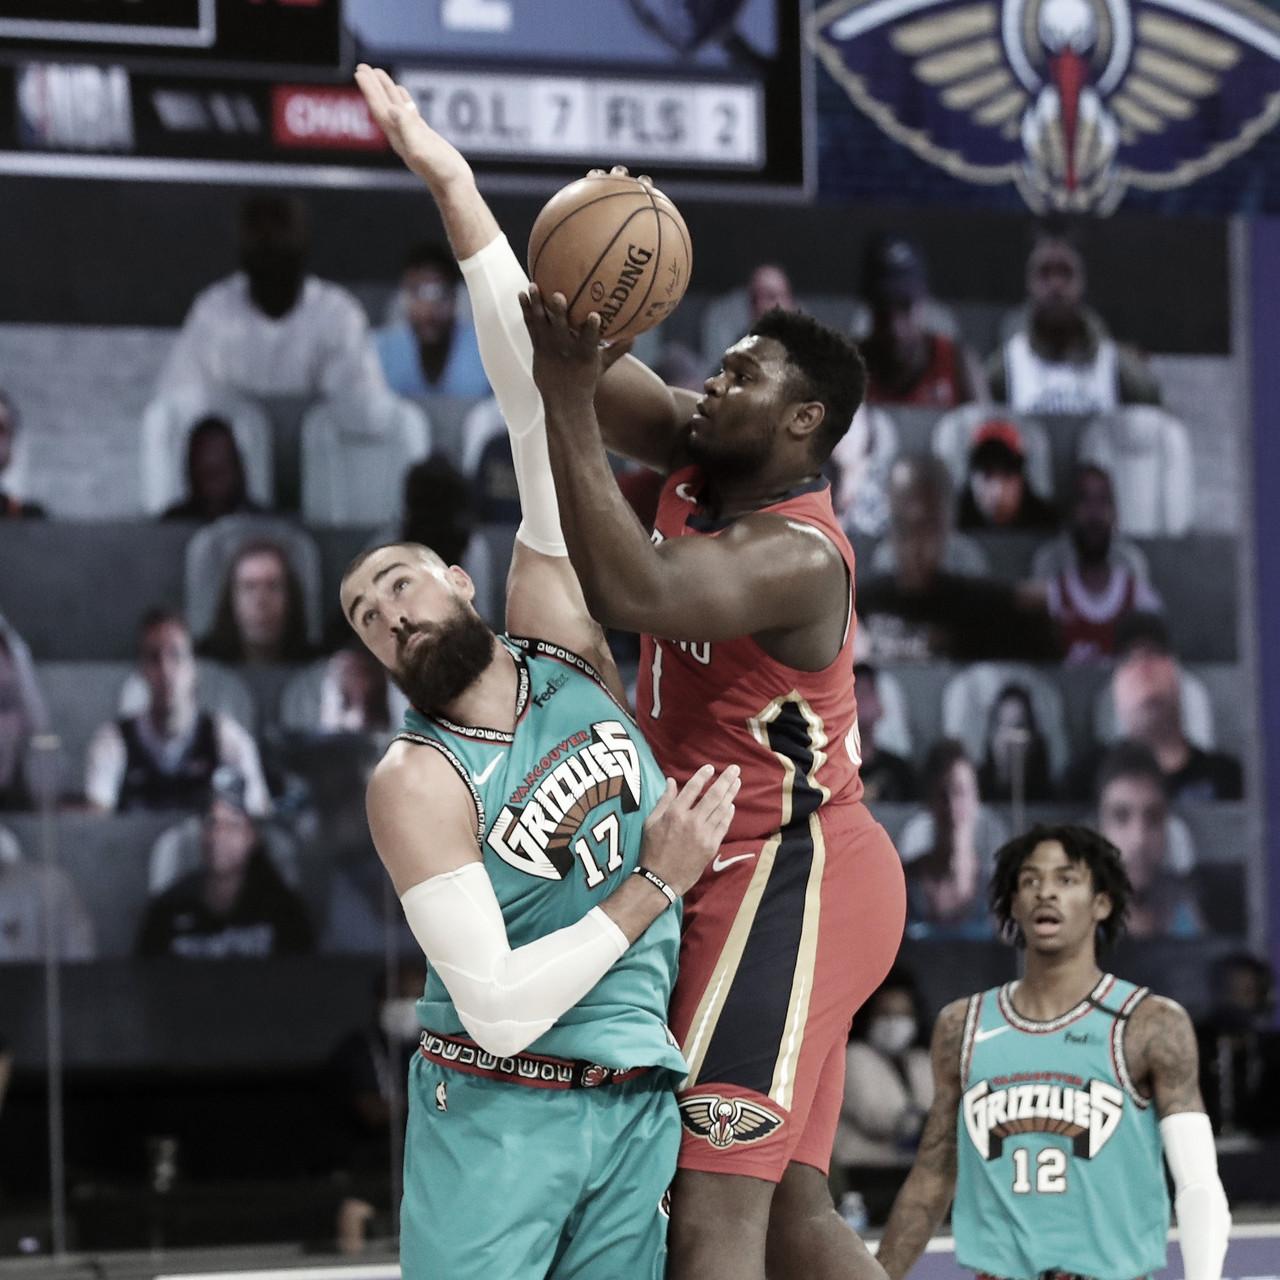 Resumen de la jornada NBA: Memphis se mete en problemas